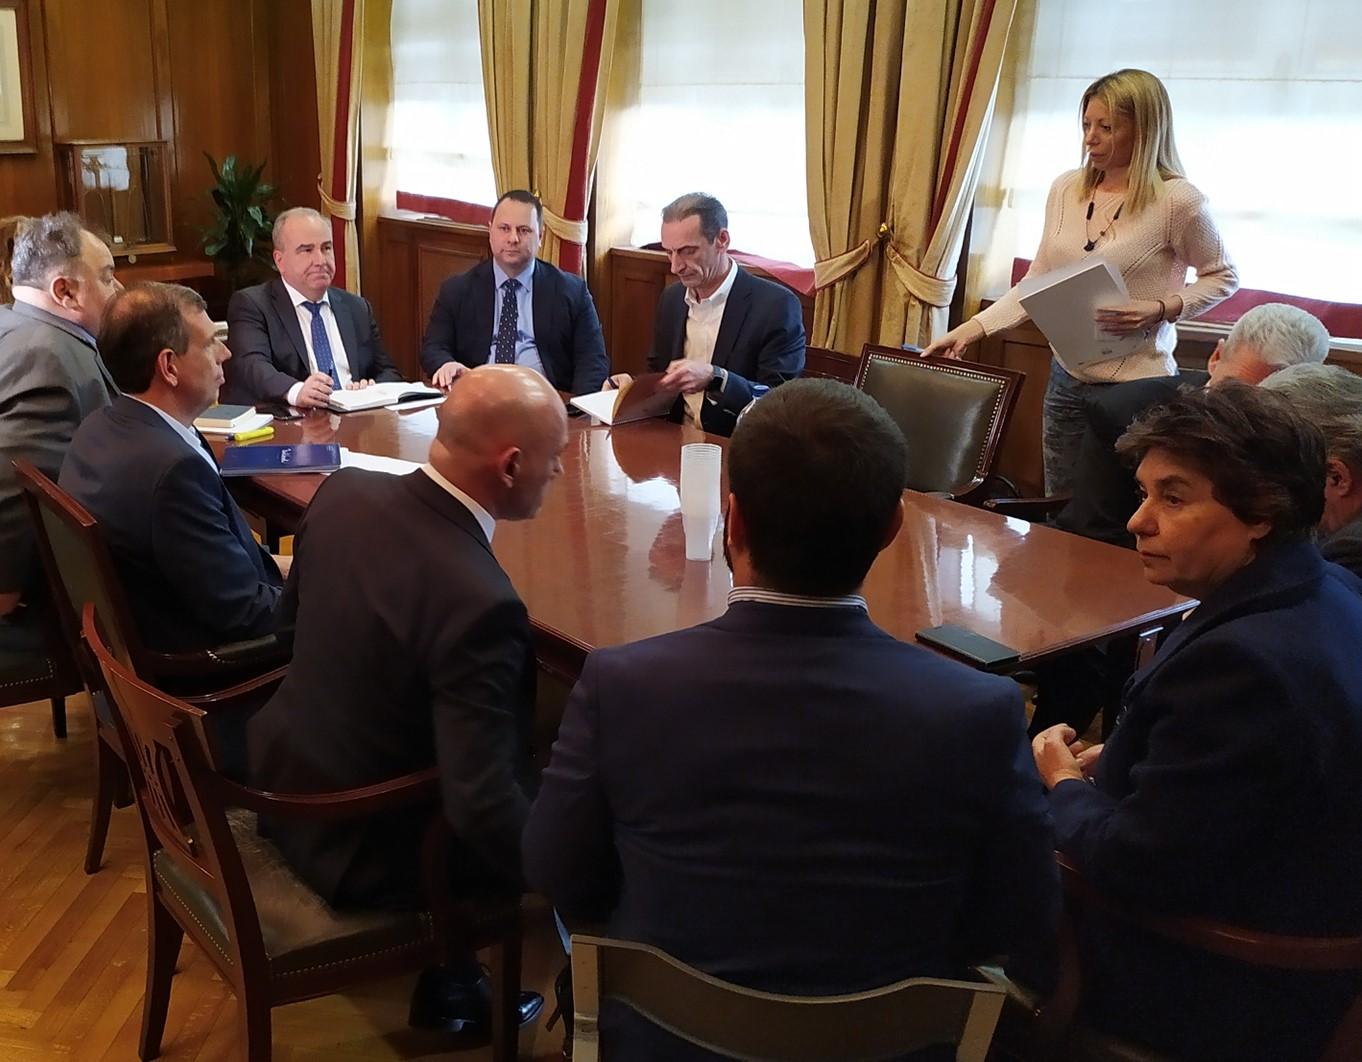 Σύσκεψη Υφυπουργού Ανάπτυξης & Επενδύσεων, κ. Ν. Παπαθανάση, με διευθυντικά στελέχη αλυσίδων Super Market